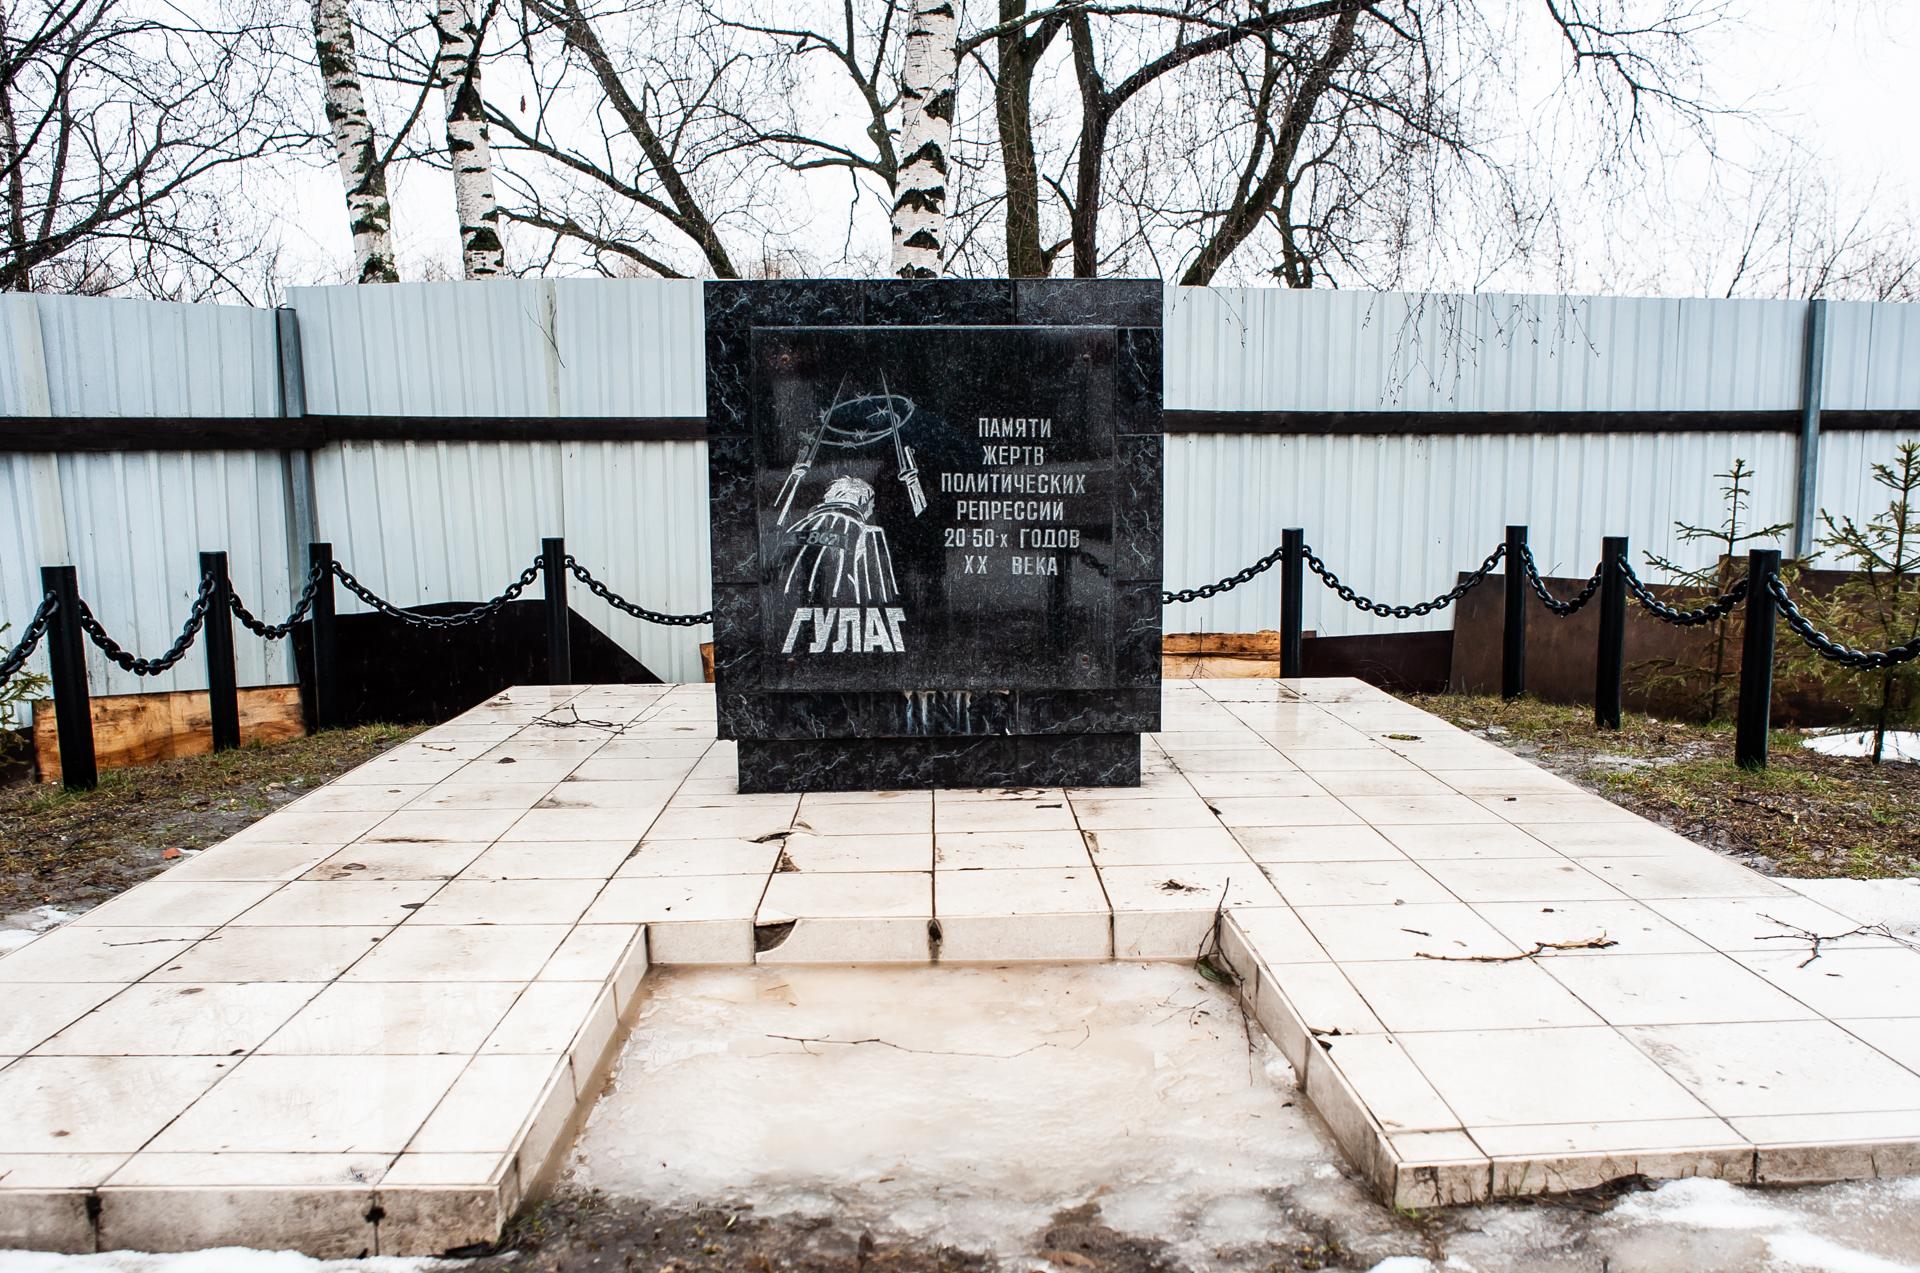 Ивантеевка, Георгиевская церковь, памятник памяти жертв политических репрессий